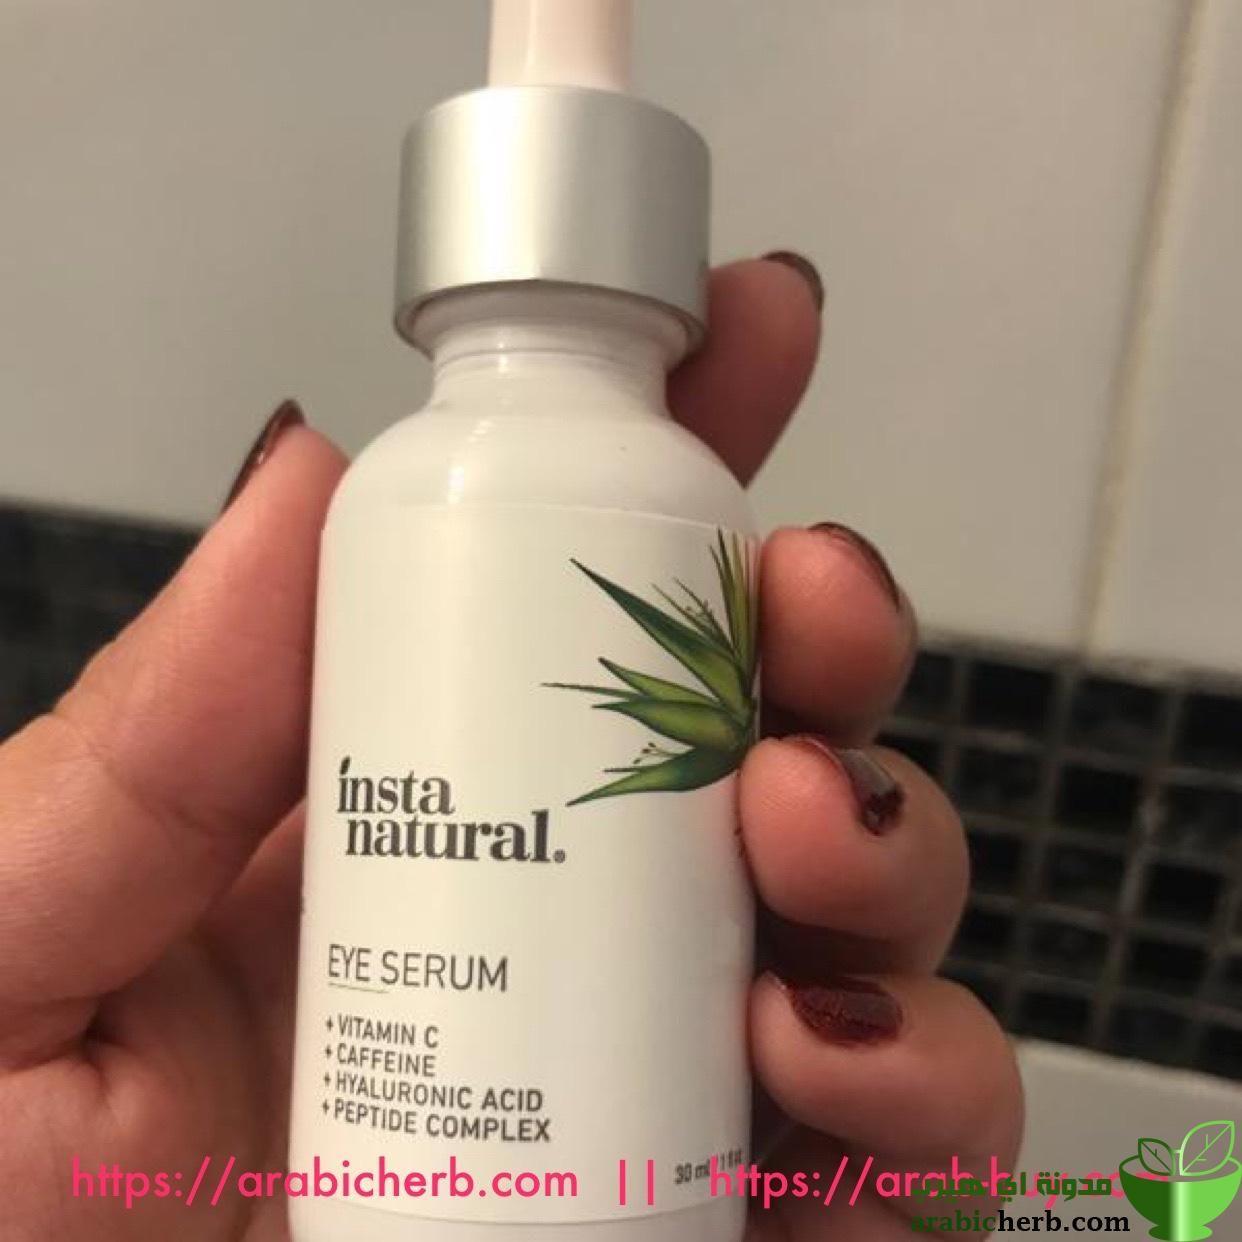 مدونة اي هيرب بالعربي سيروم لعلاج التجاعيد للعين وكريم لعلاج انتفاخات العين من اي هيرب Eye Serum Peptides Shampoo Bottle